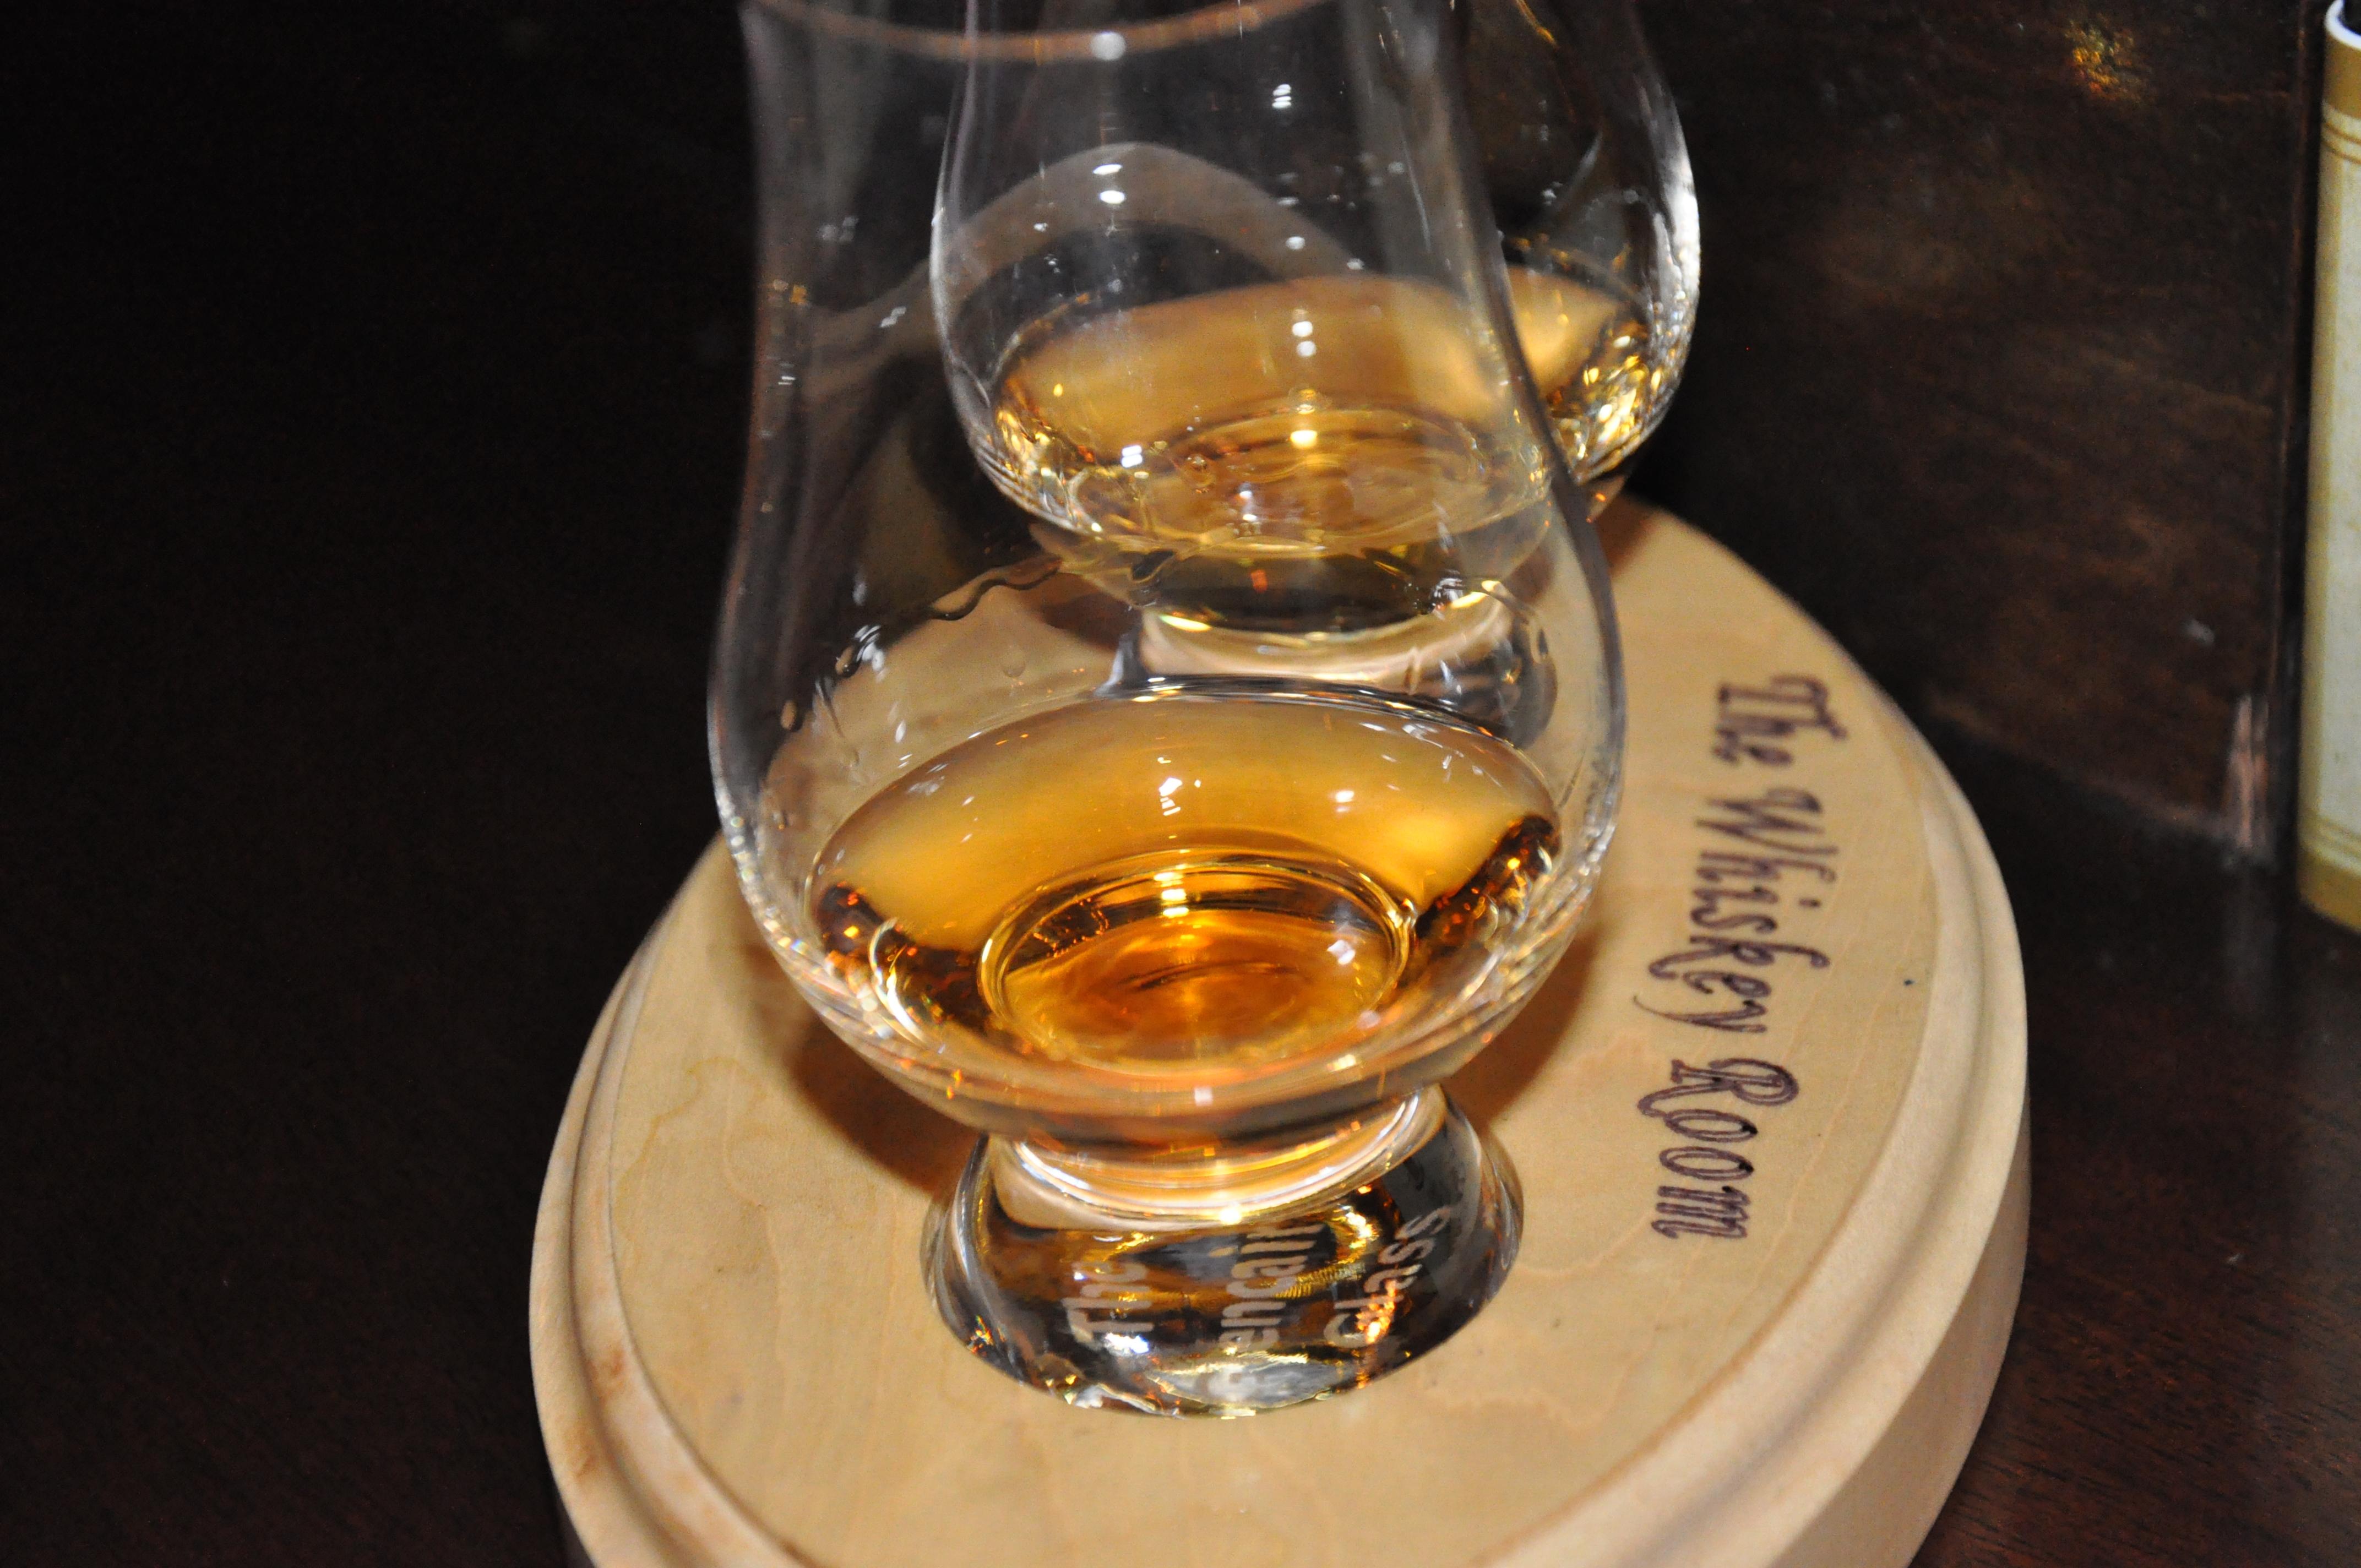 D.C. sommelier 'duels' Irish whiskey, single malt expertise